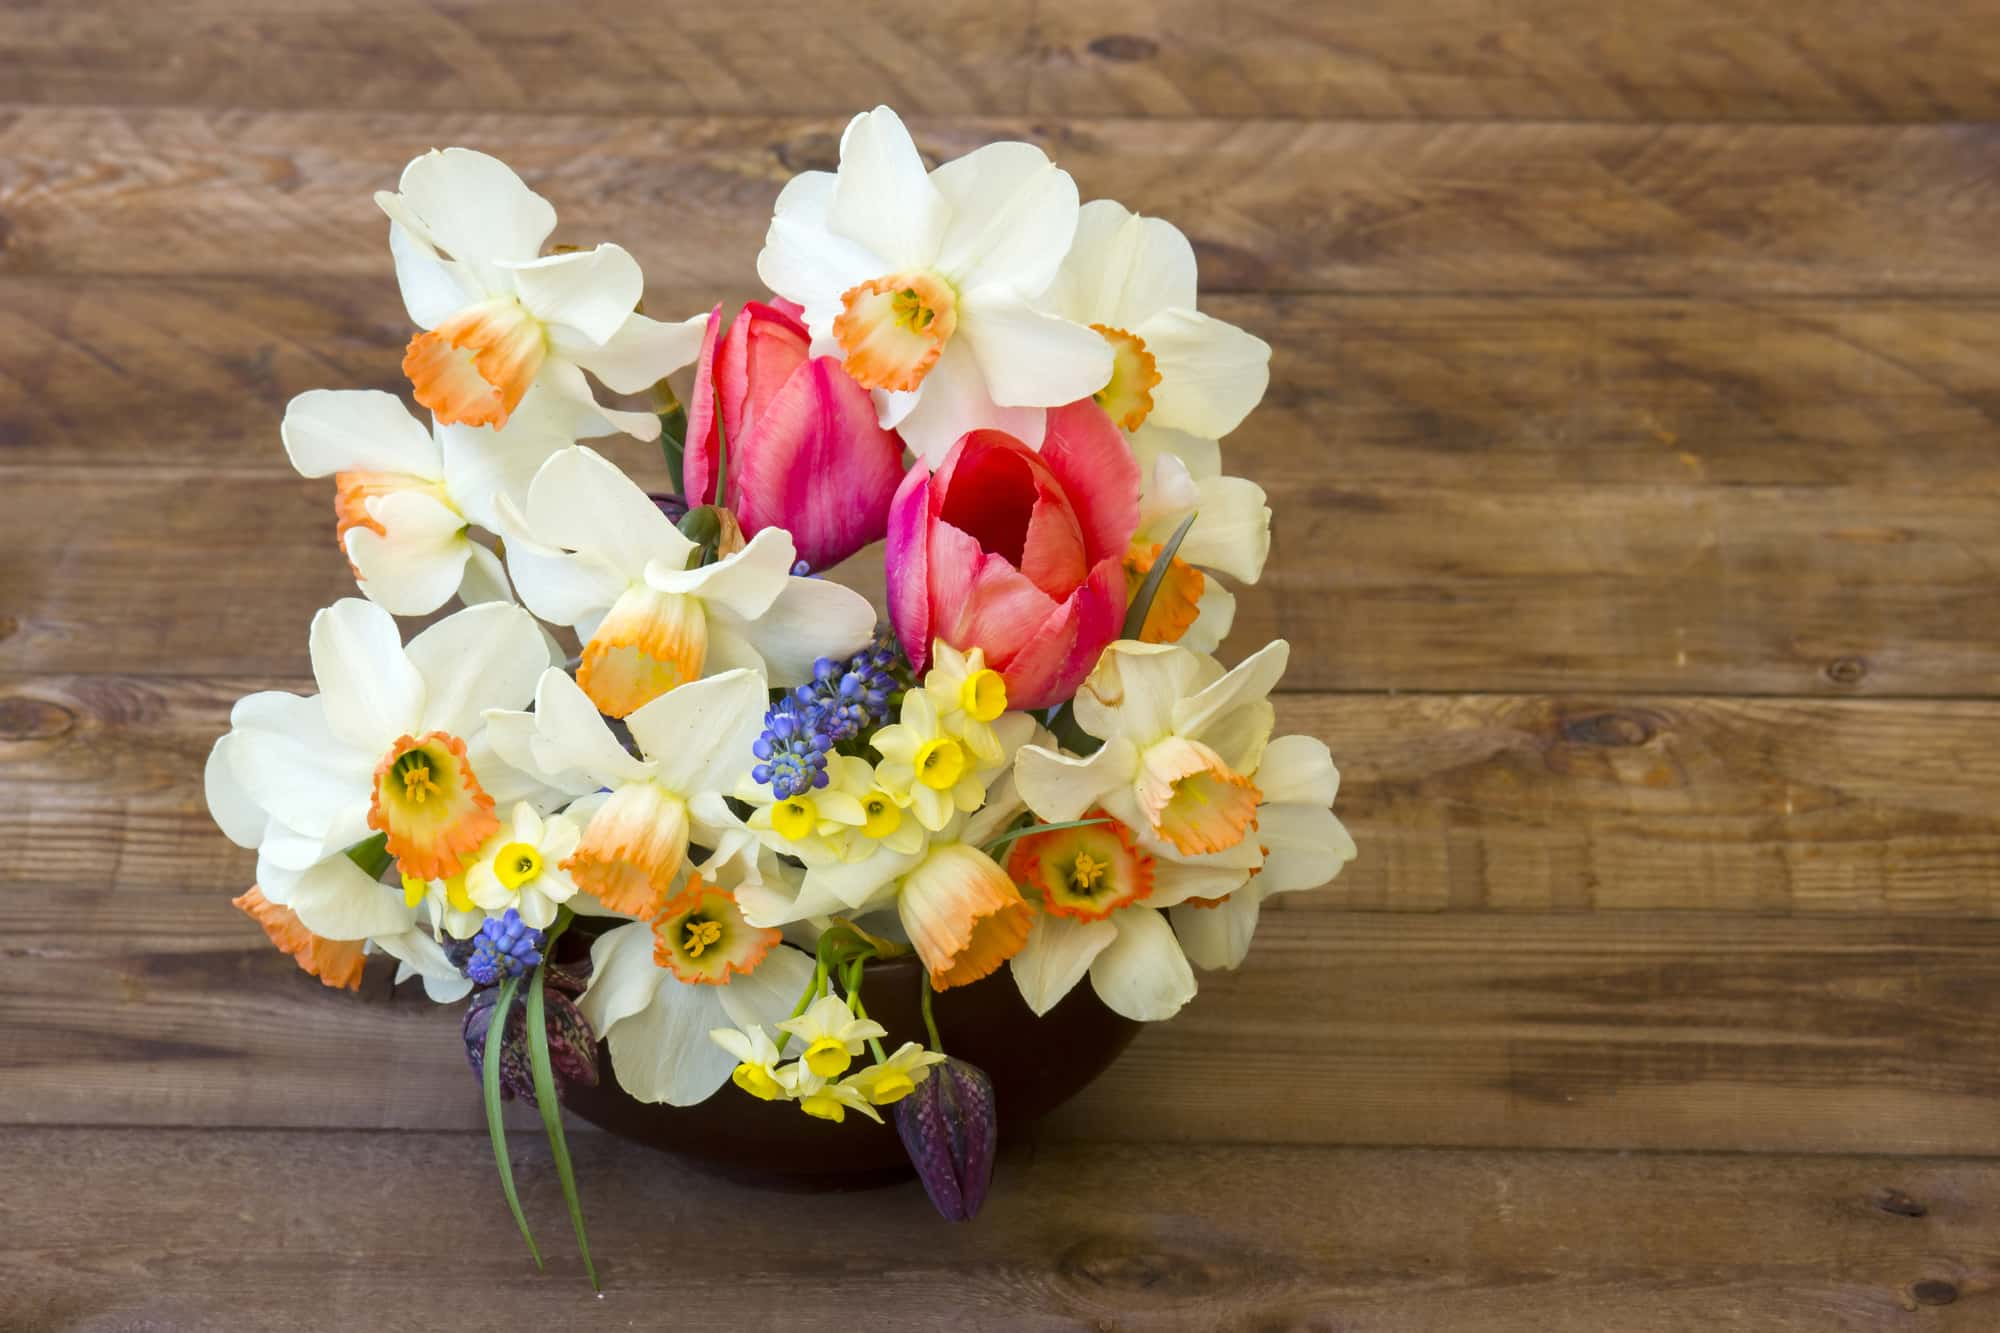 Какие цветы в горшке подарить девушке